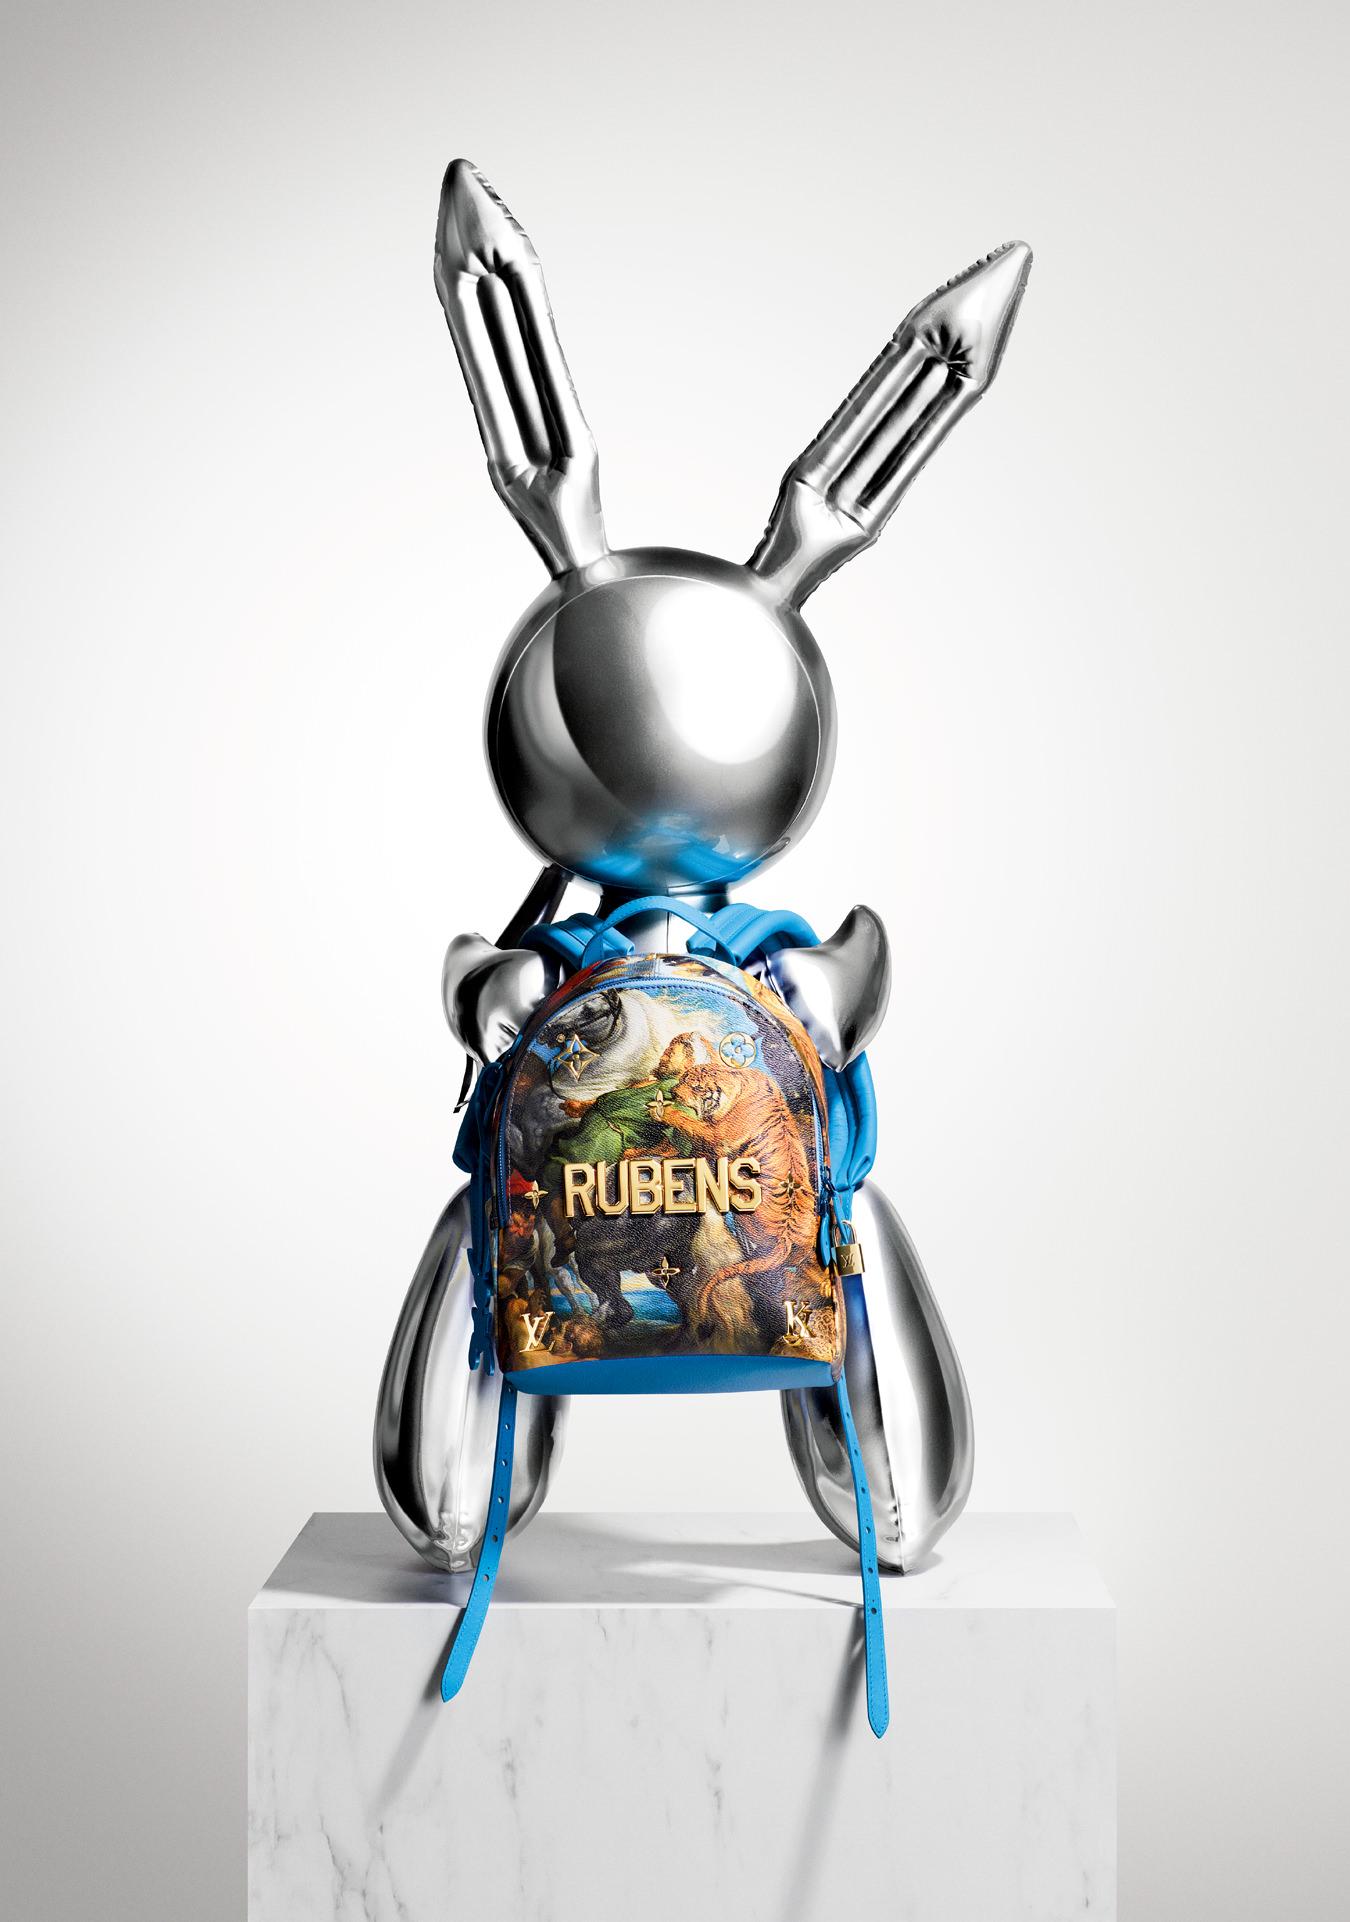 Inquiring Minds Summer 2017 Jeff Koons Louis Vuitton An Artful Bag